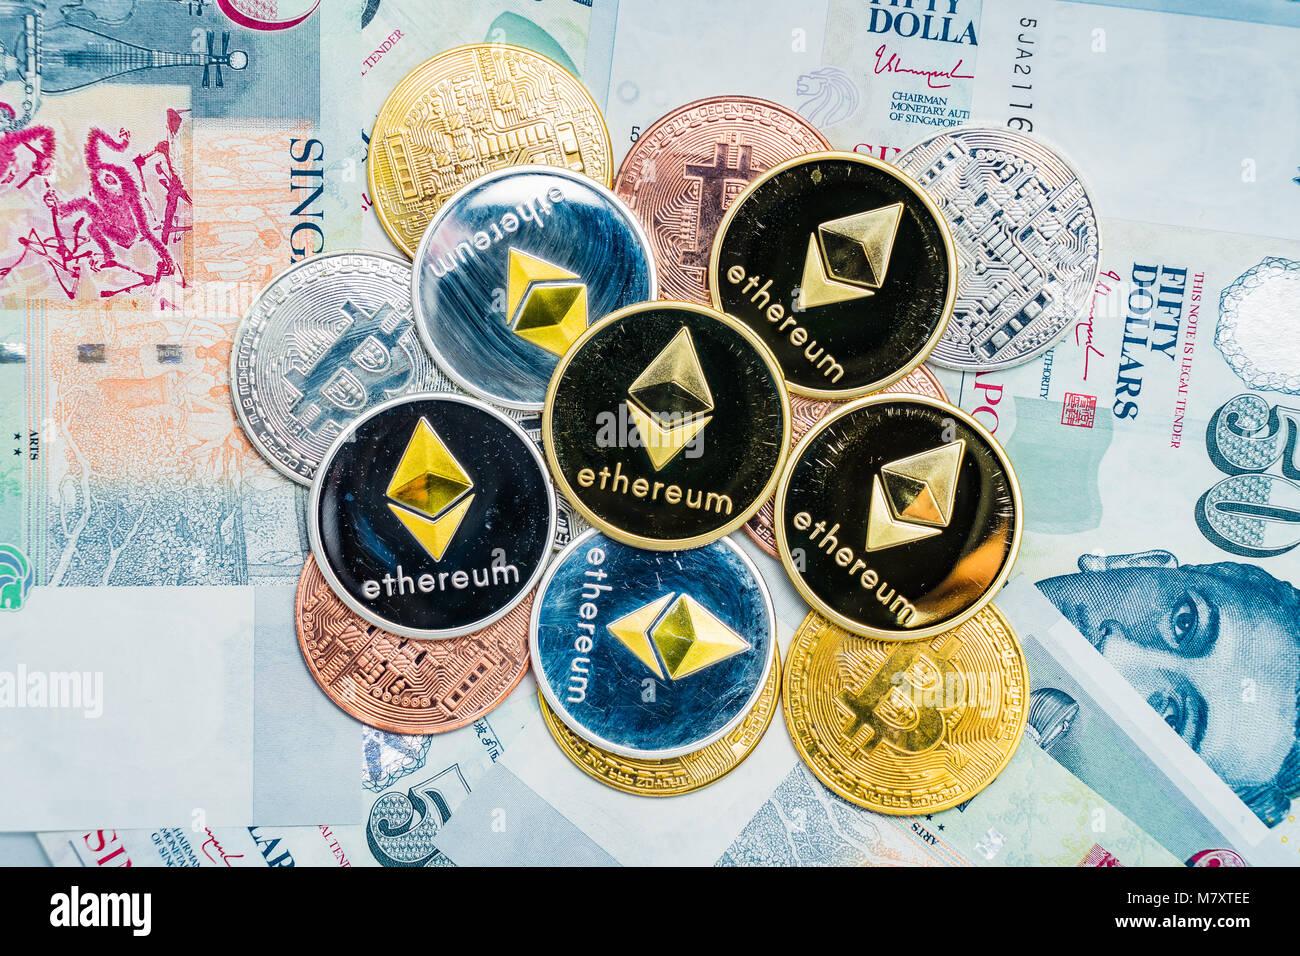 Bitcoin Cryptocurrency Und Des Astraleums Münzen Auf Singapur Dollar